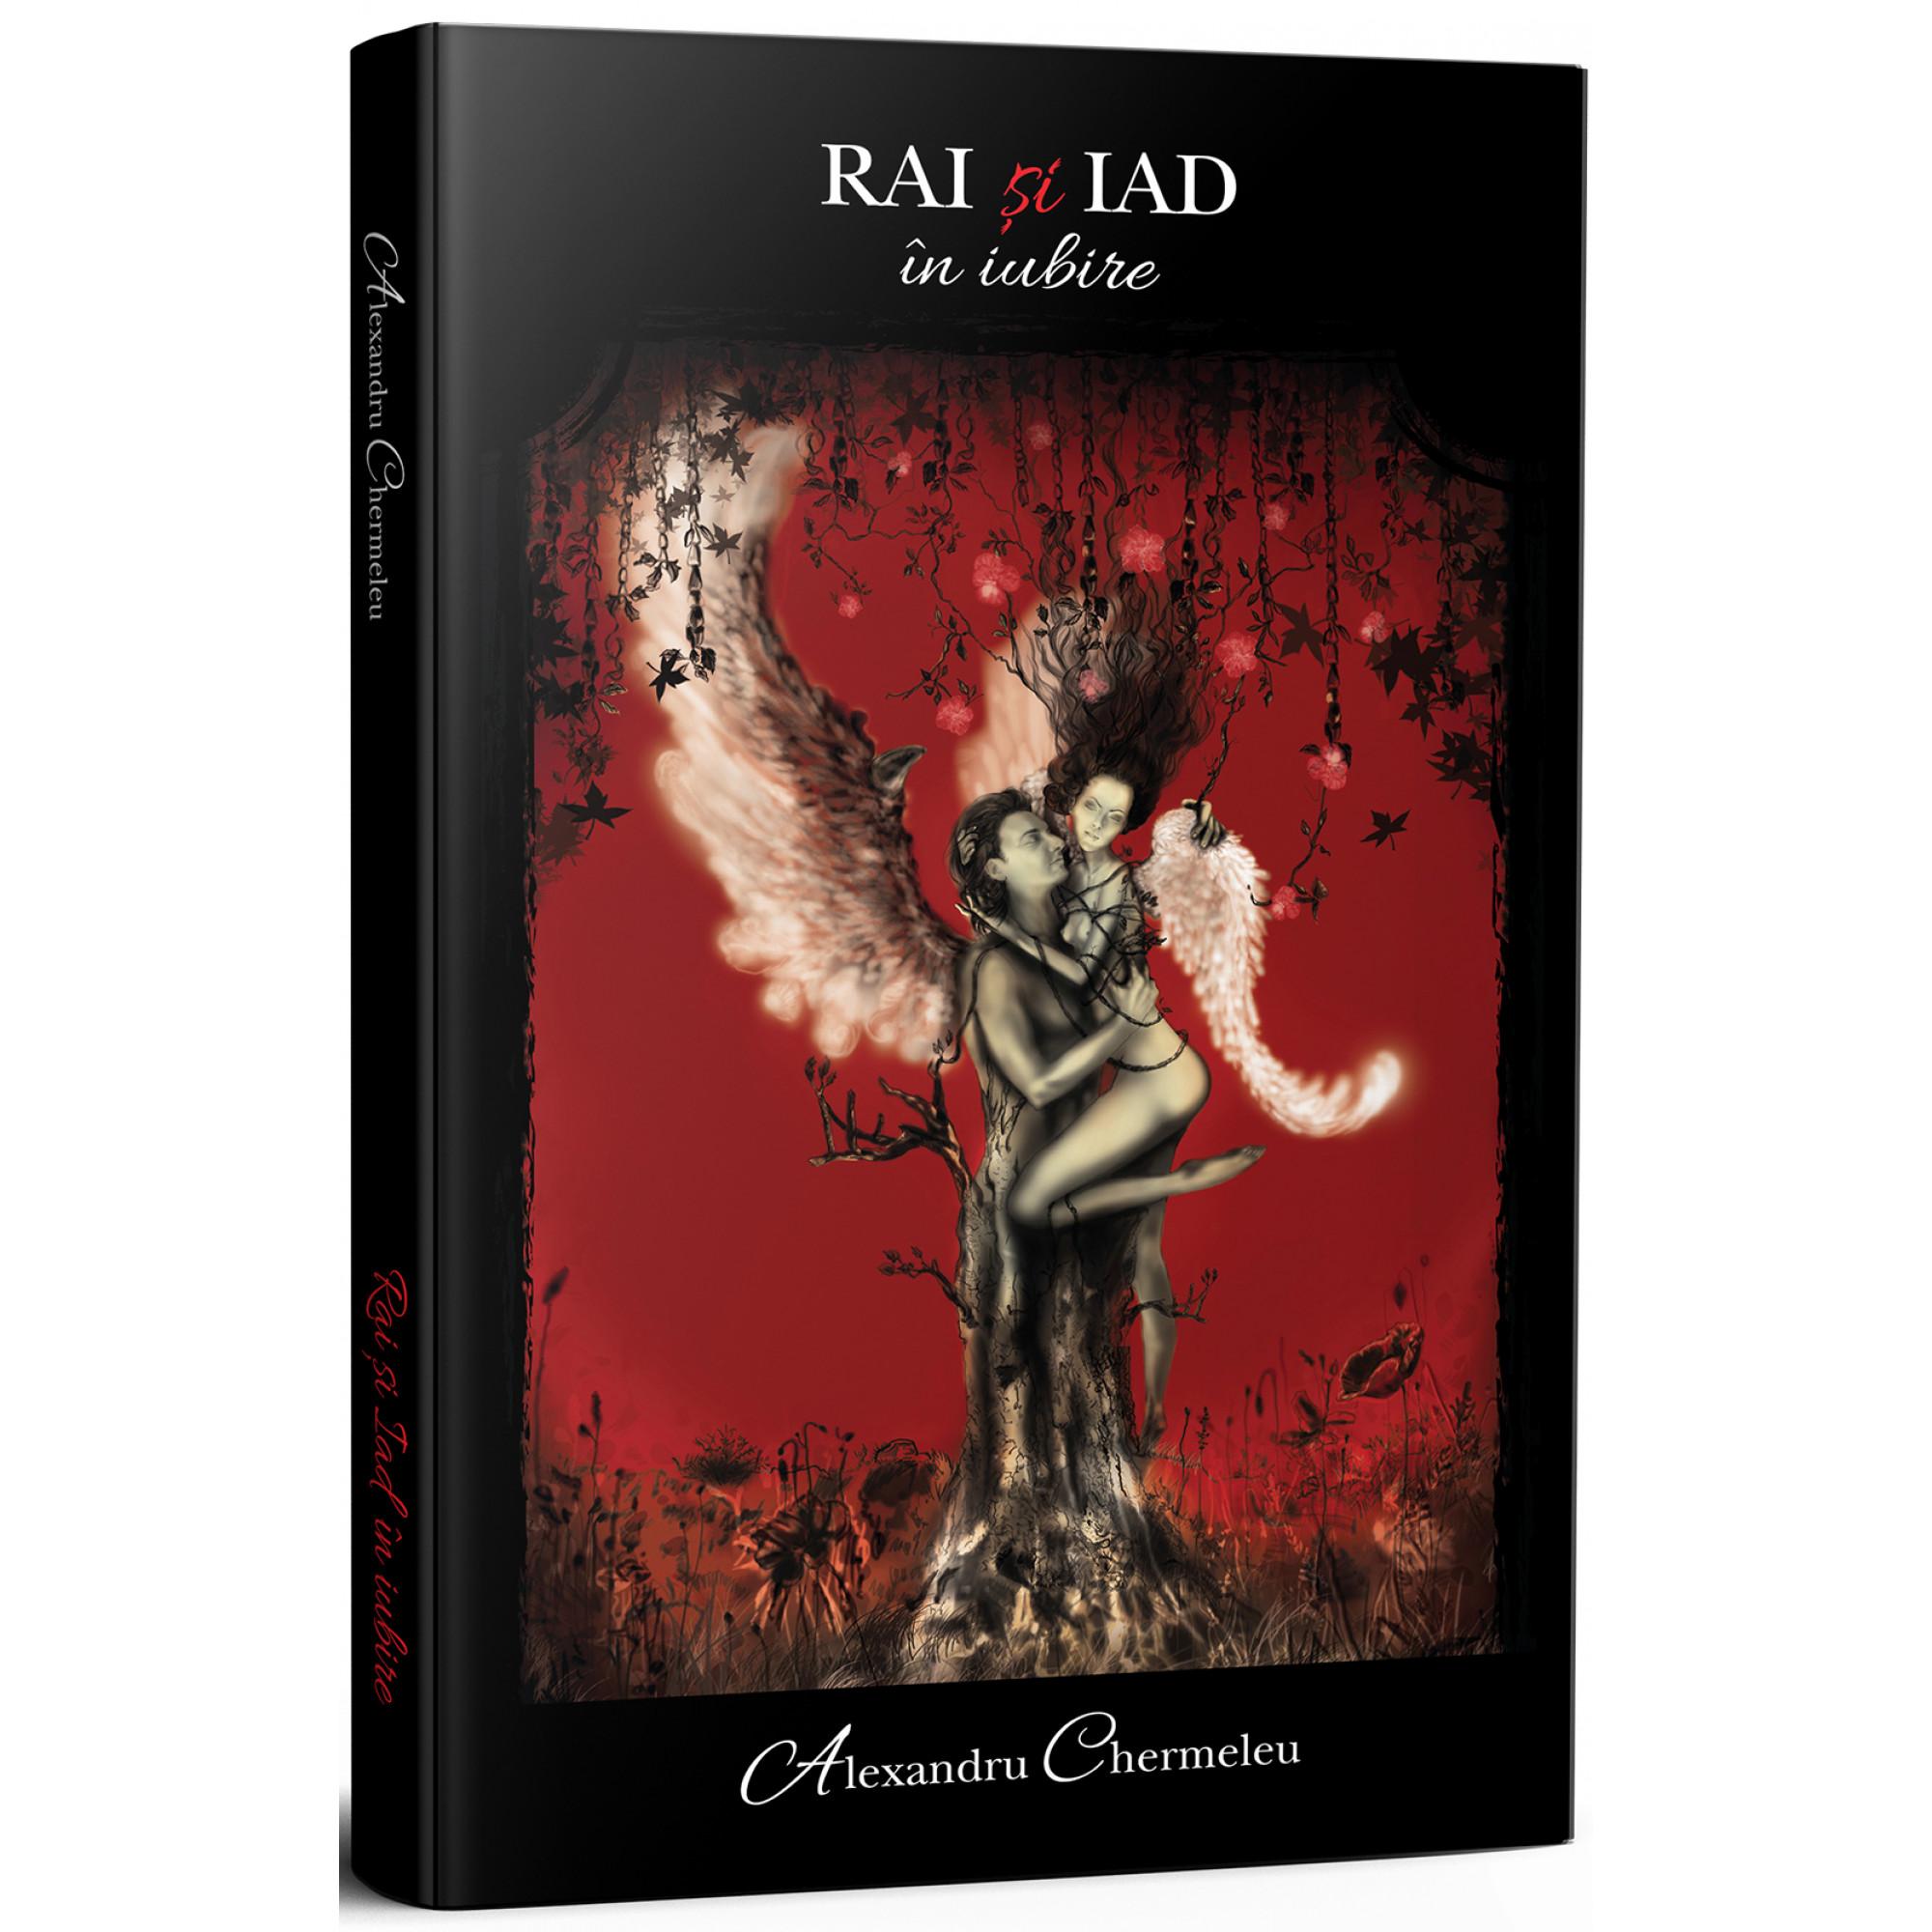 RAI și IAD în iubire